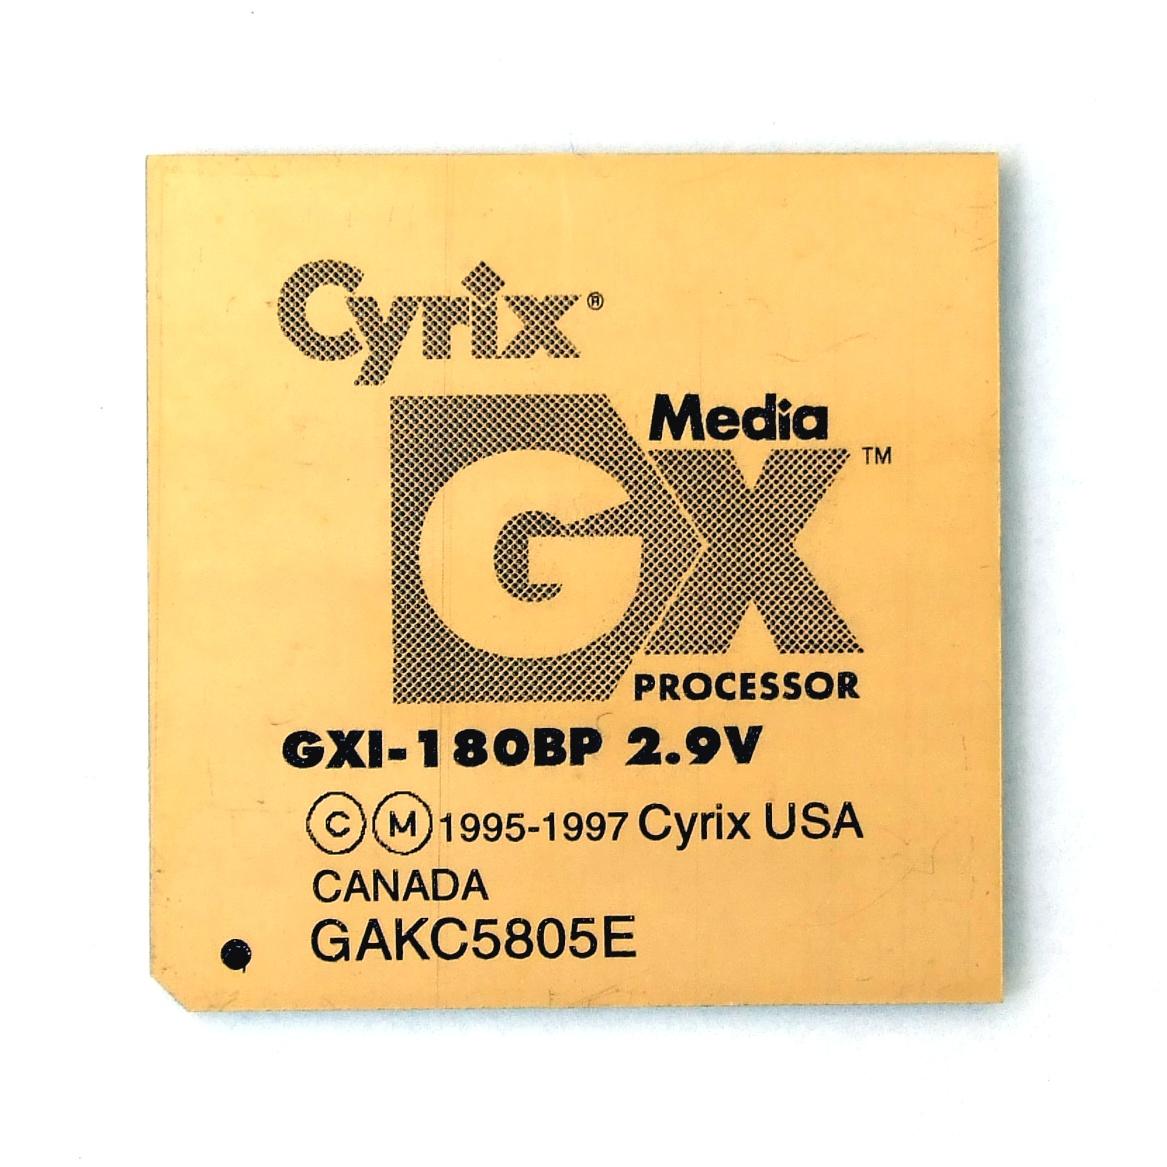 Cyrix Media GX